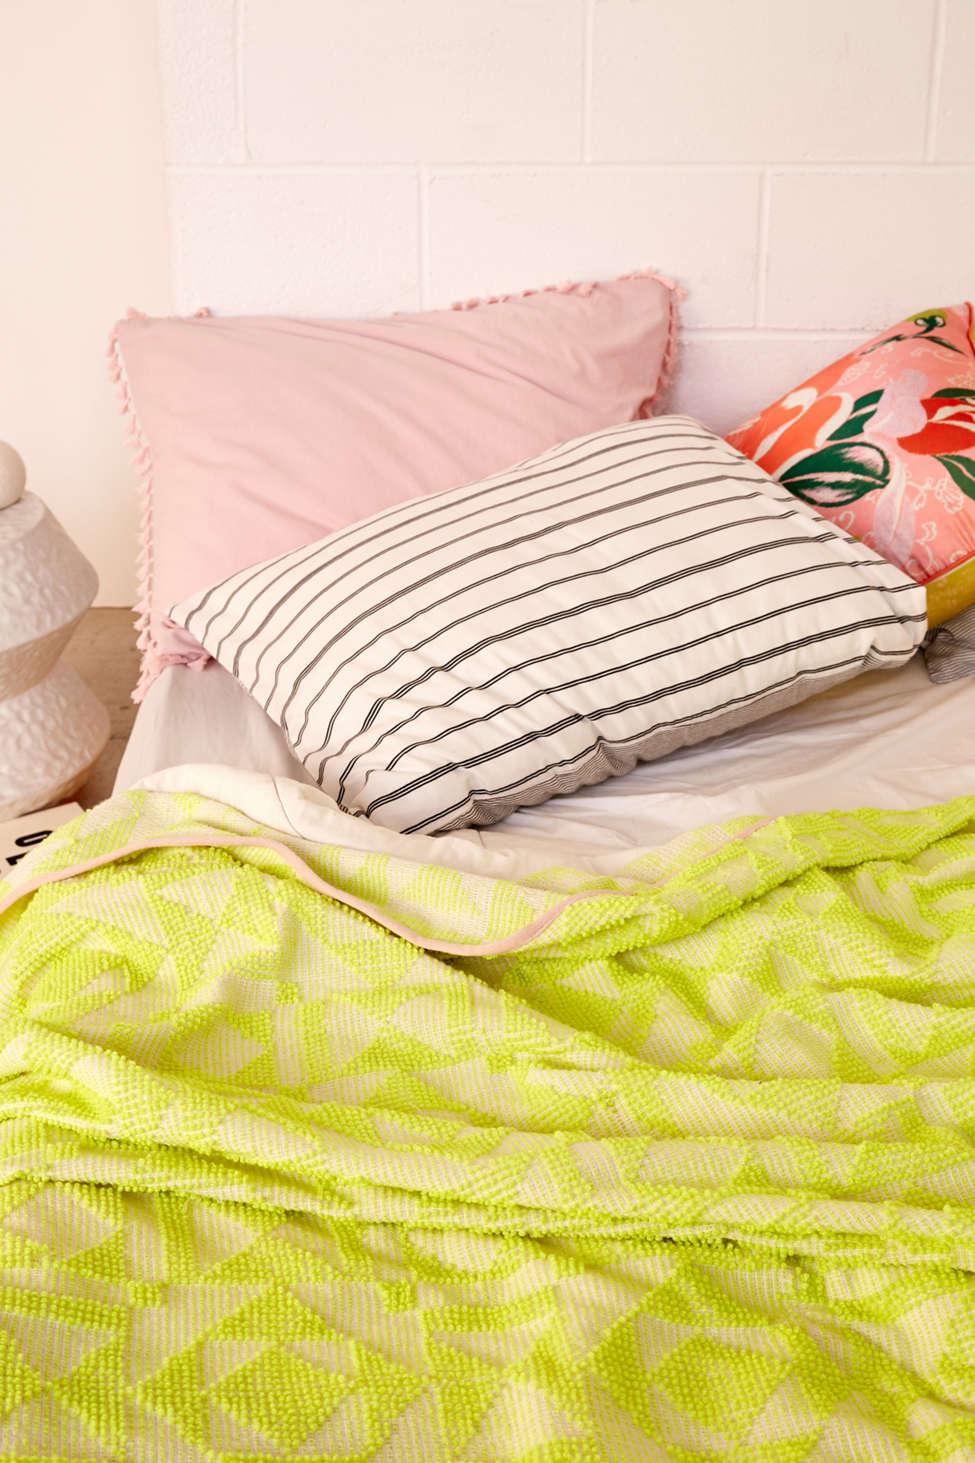 Slide View: 3: Neon Geo Bed Blanket